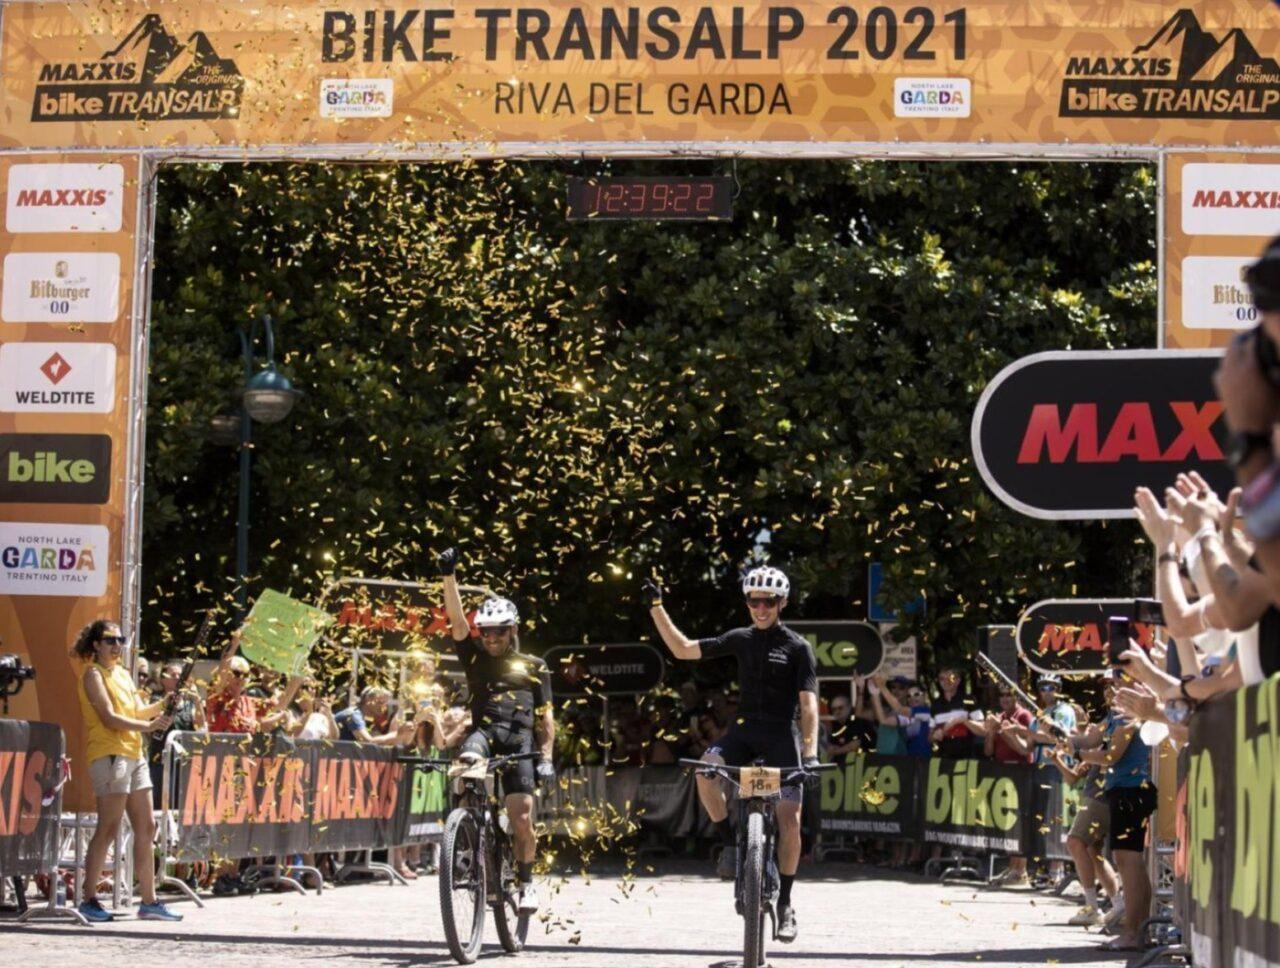 bike-transalp-riva-1280x968.jpg